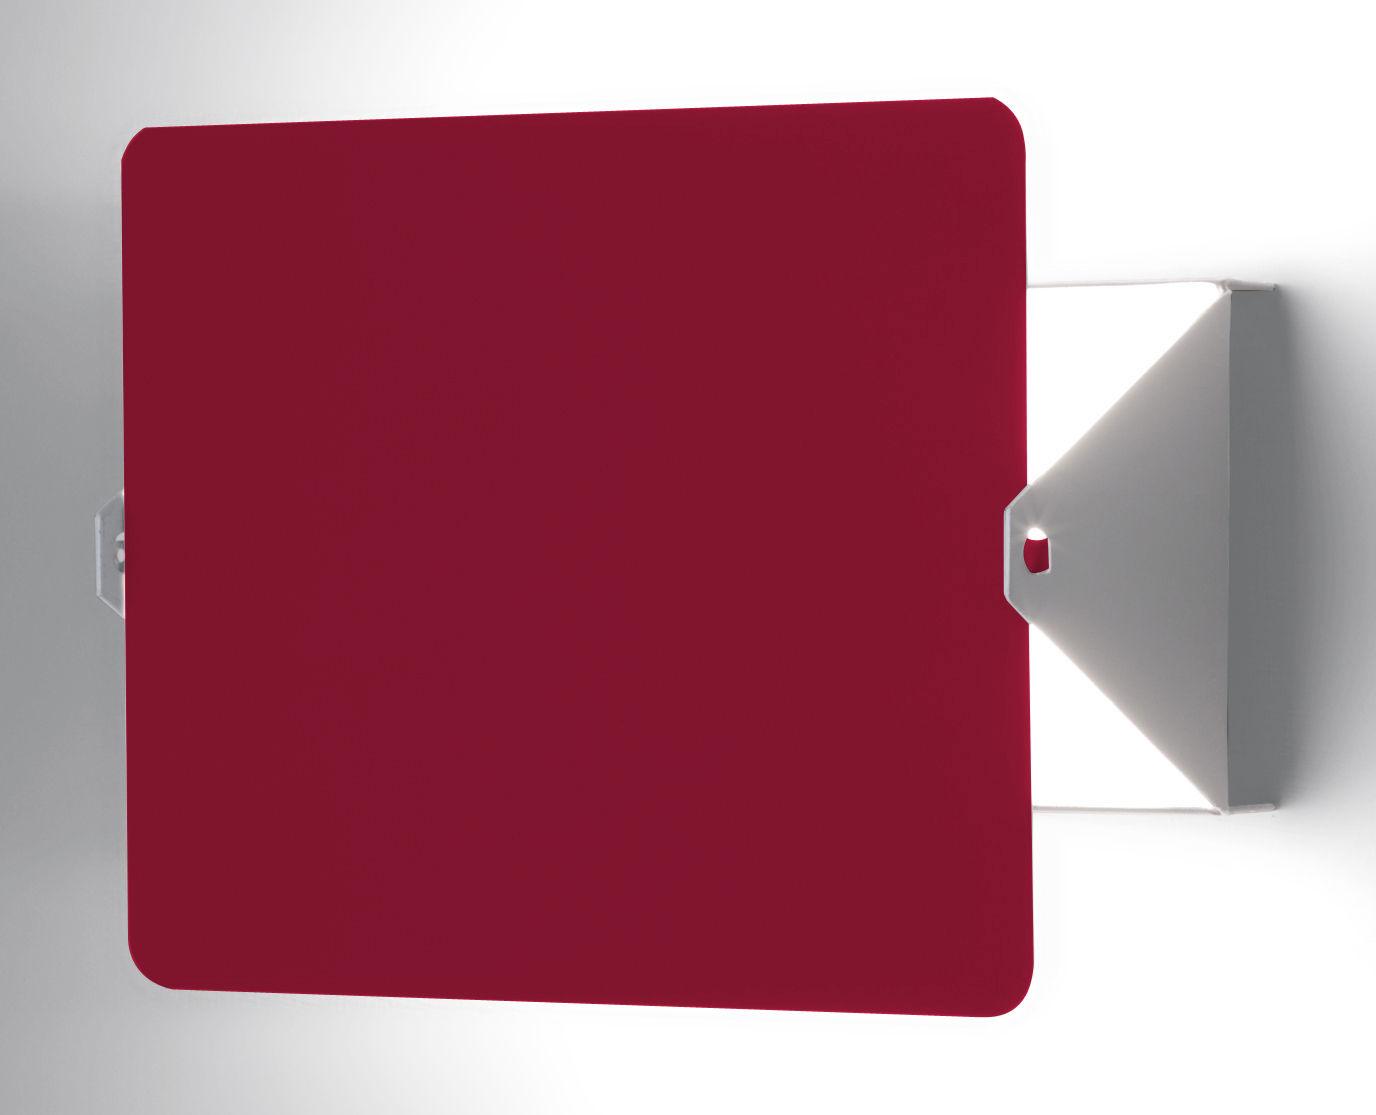 Leuchten - Wandleuchten - Wandleuchte mit Stromkabel mit Drehblende, E14 / von Charlotte Perriand - Neuauflage des Modells von 1962 - Nemo - Weiß / Drehblende rot - bemaltes Aluminium, bemaltes Metall